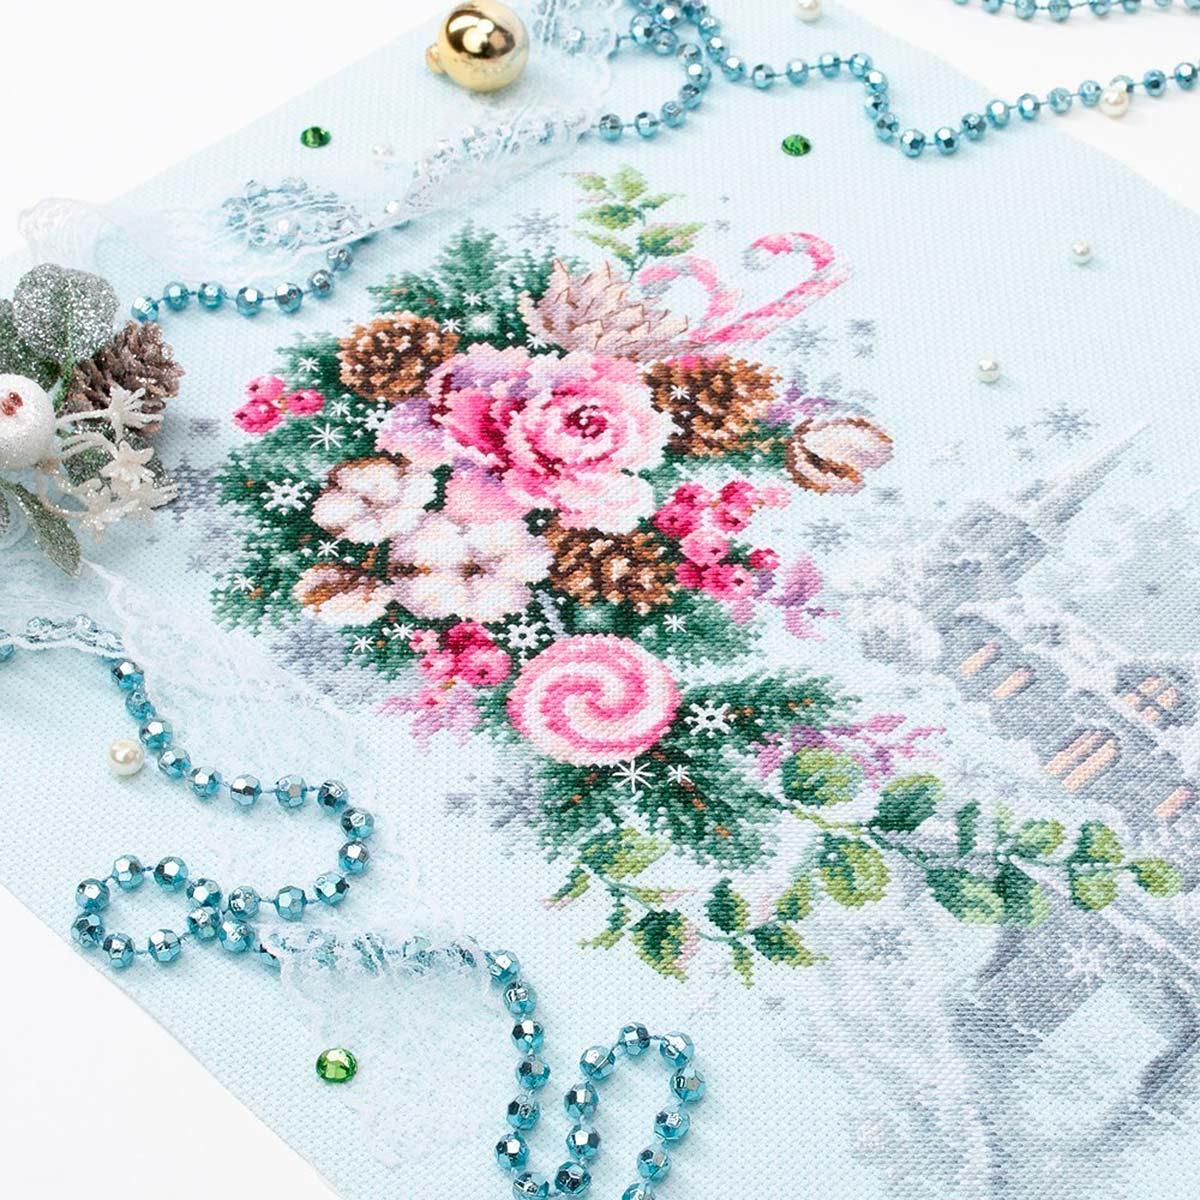 100-244 Набор для вышивания Чудесная игла 'Рождественское настроение'32х22см